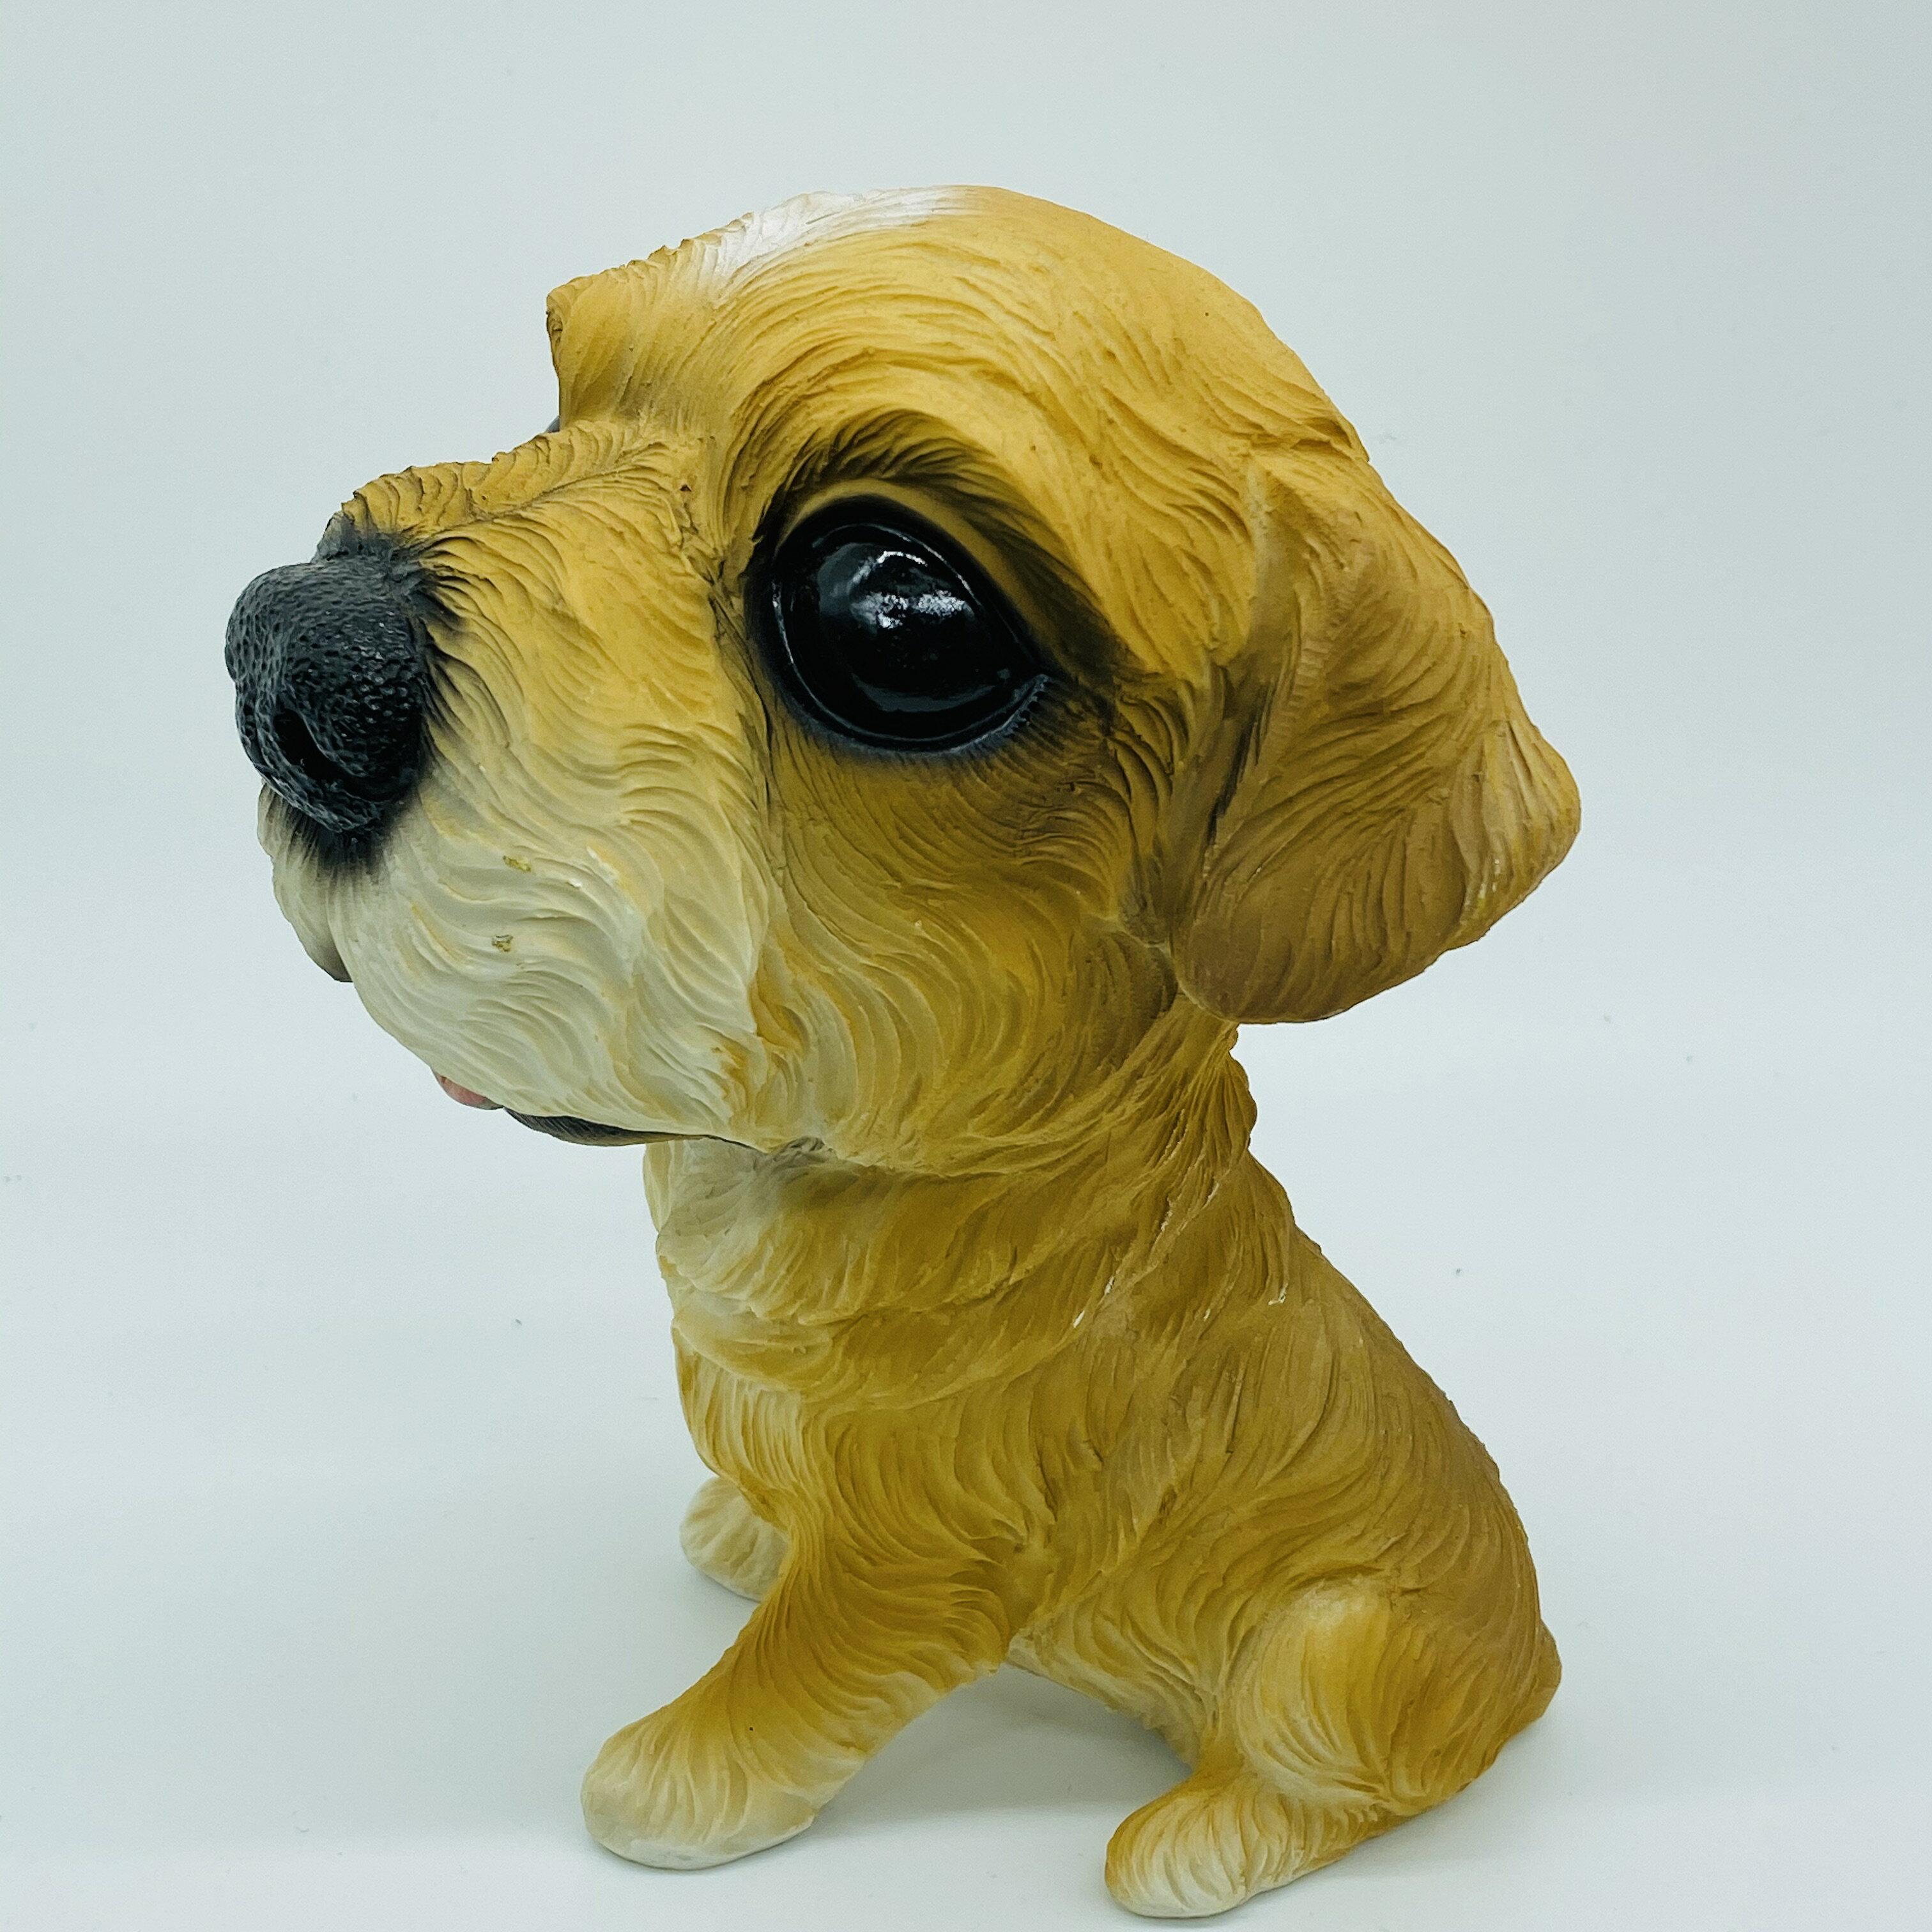 日本高山 可愛動物 大頭狗 毛毛 擺飾品  日本直送 日本設計 2